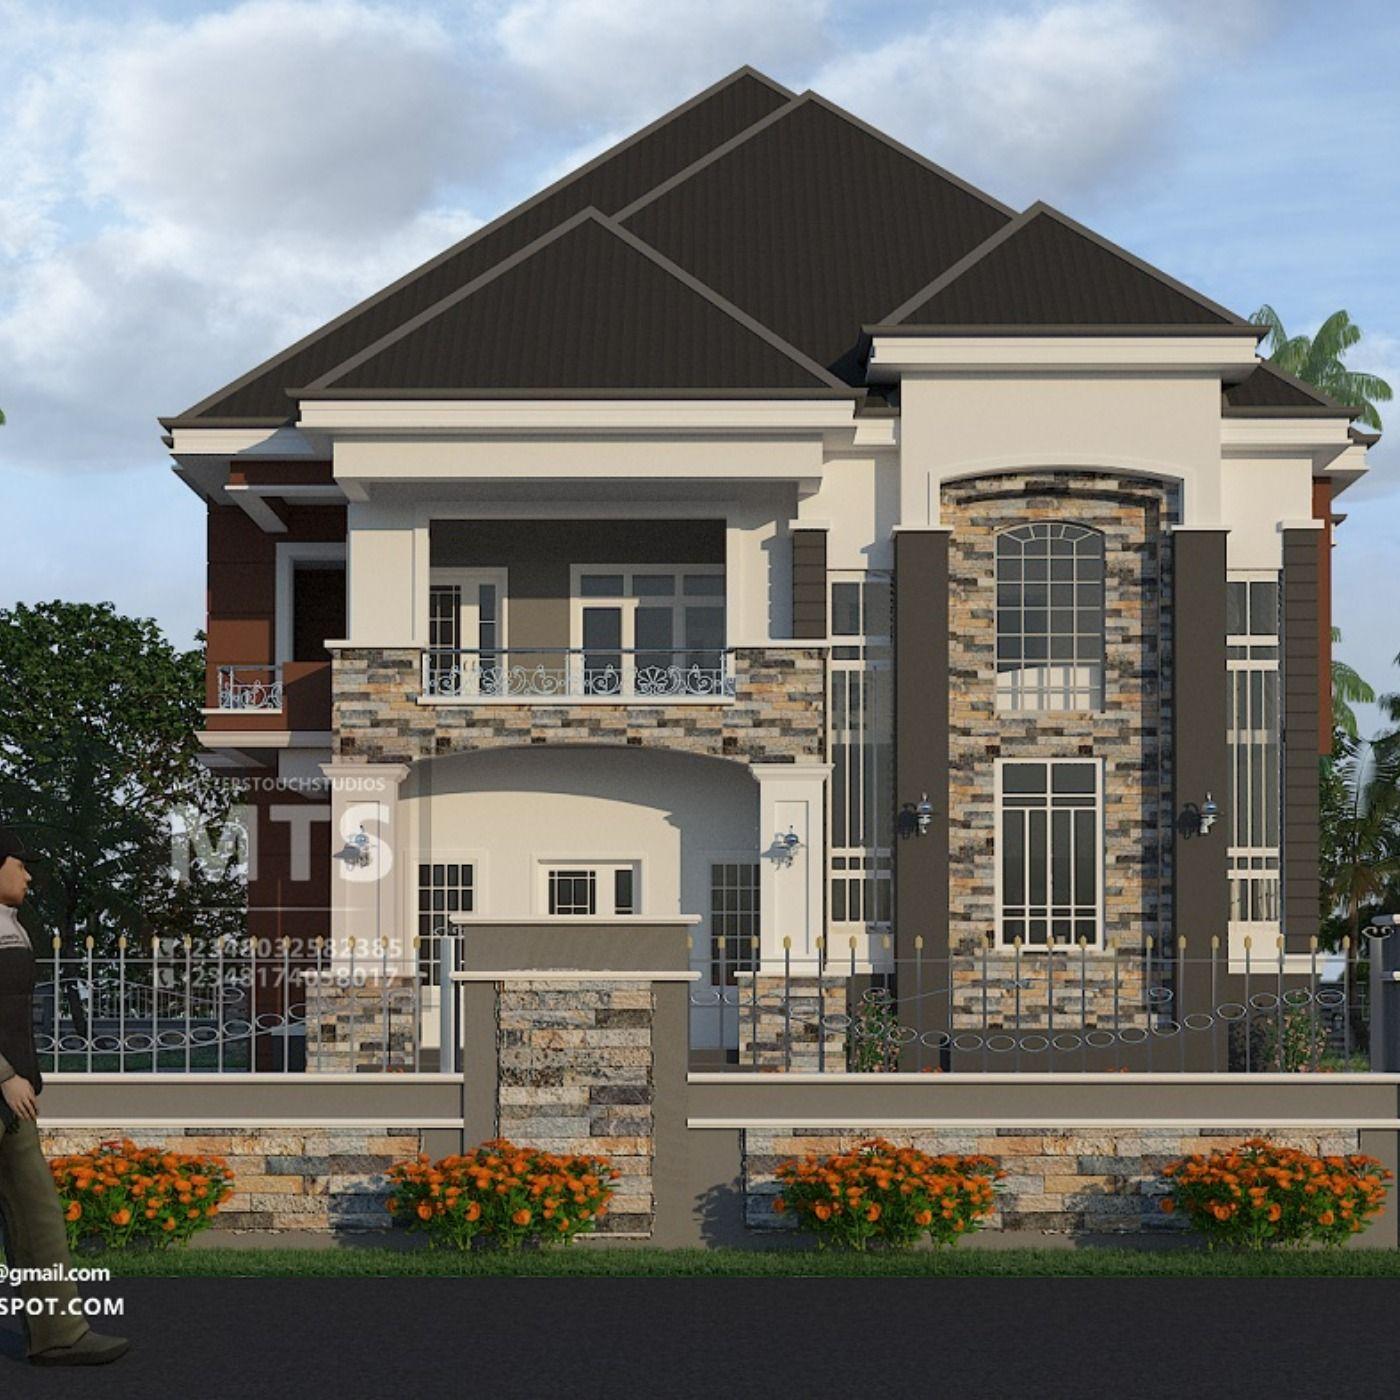 5 Bedroom Duplex Rf D5023 Duplex House Design Duplex Design Bungalow House Design